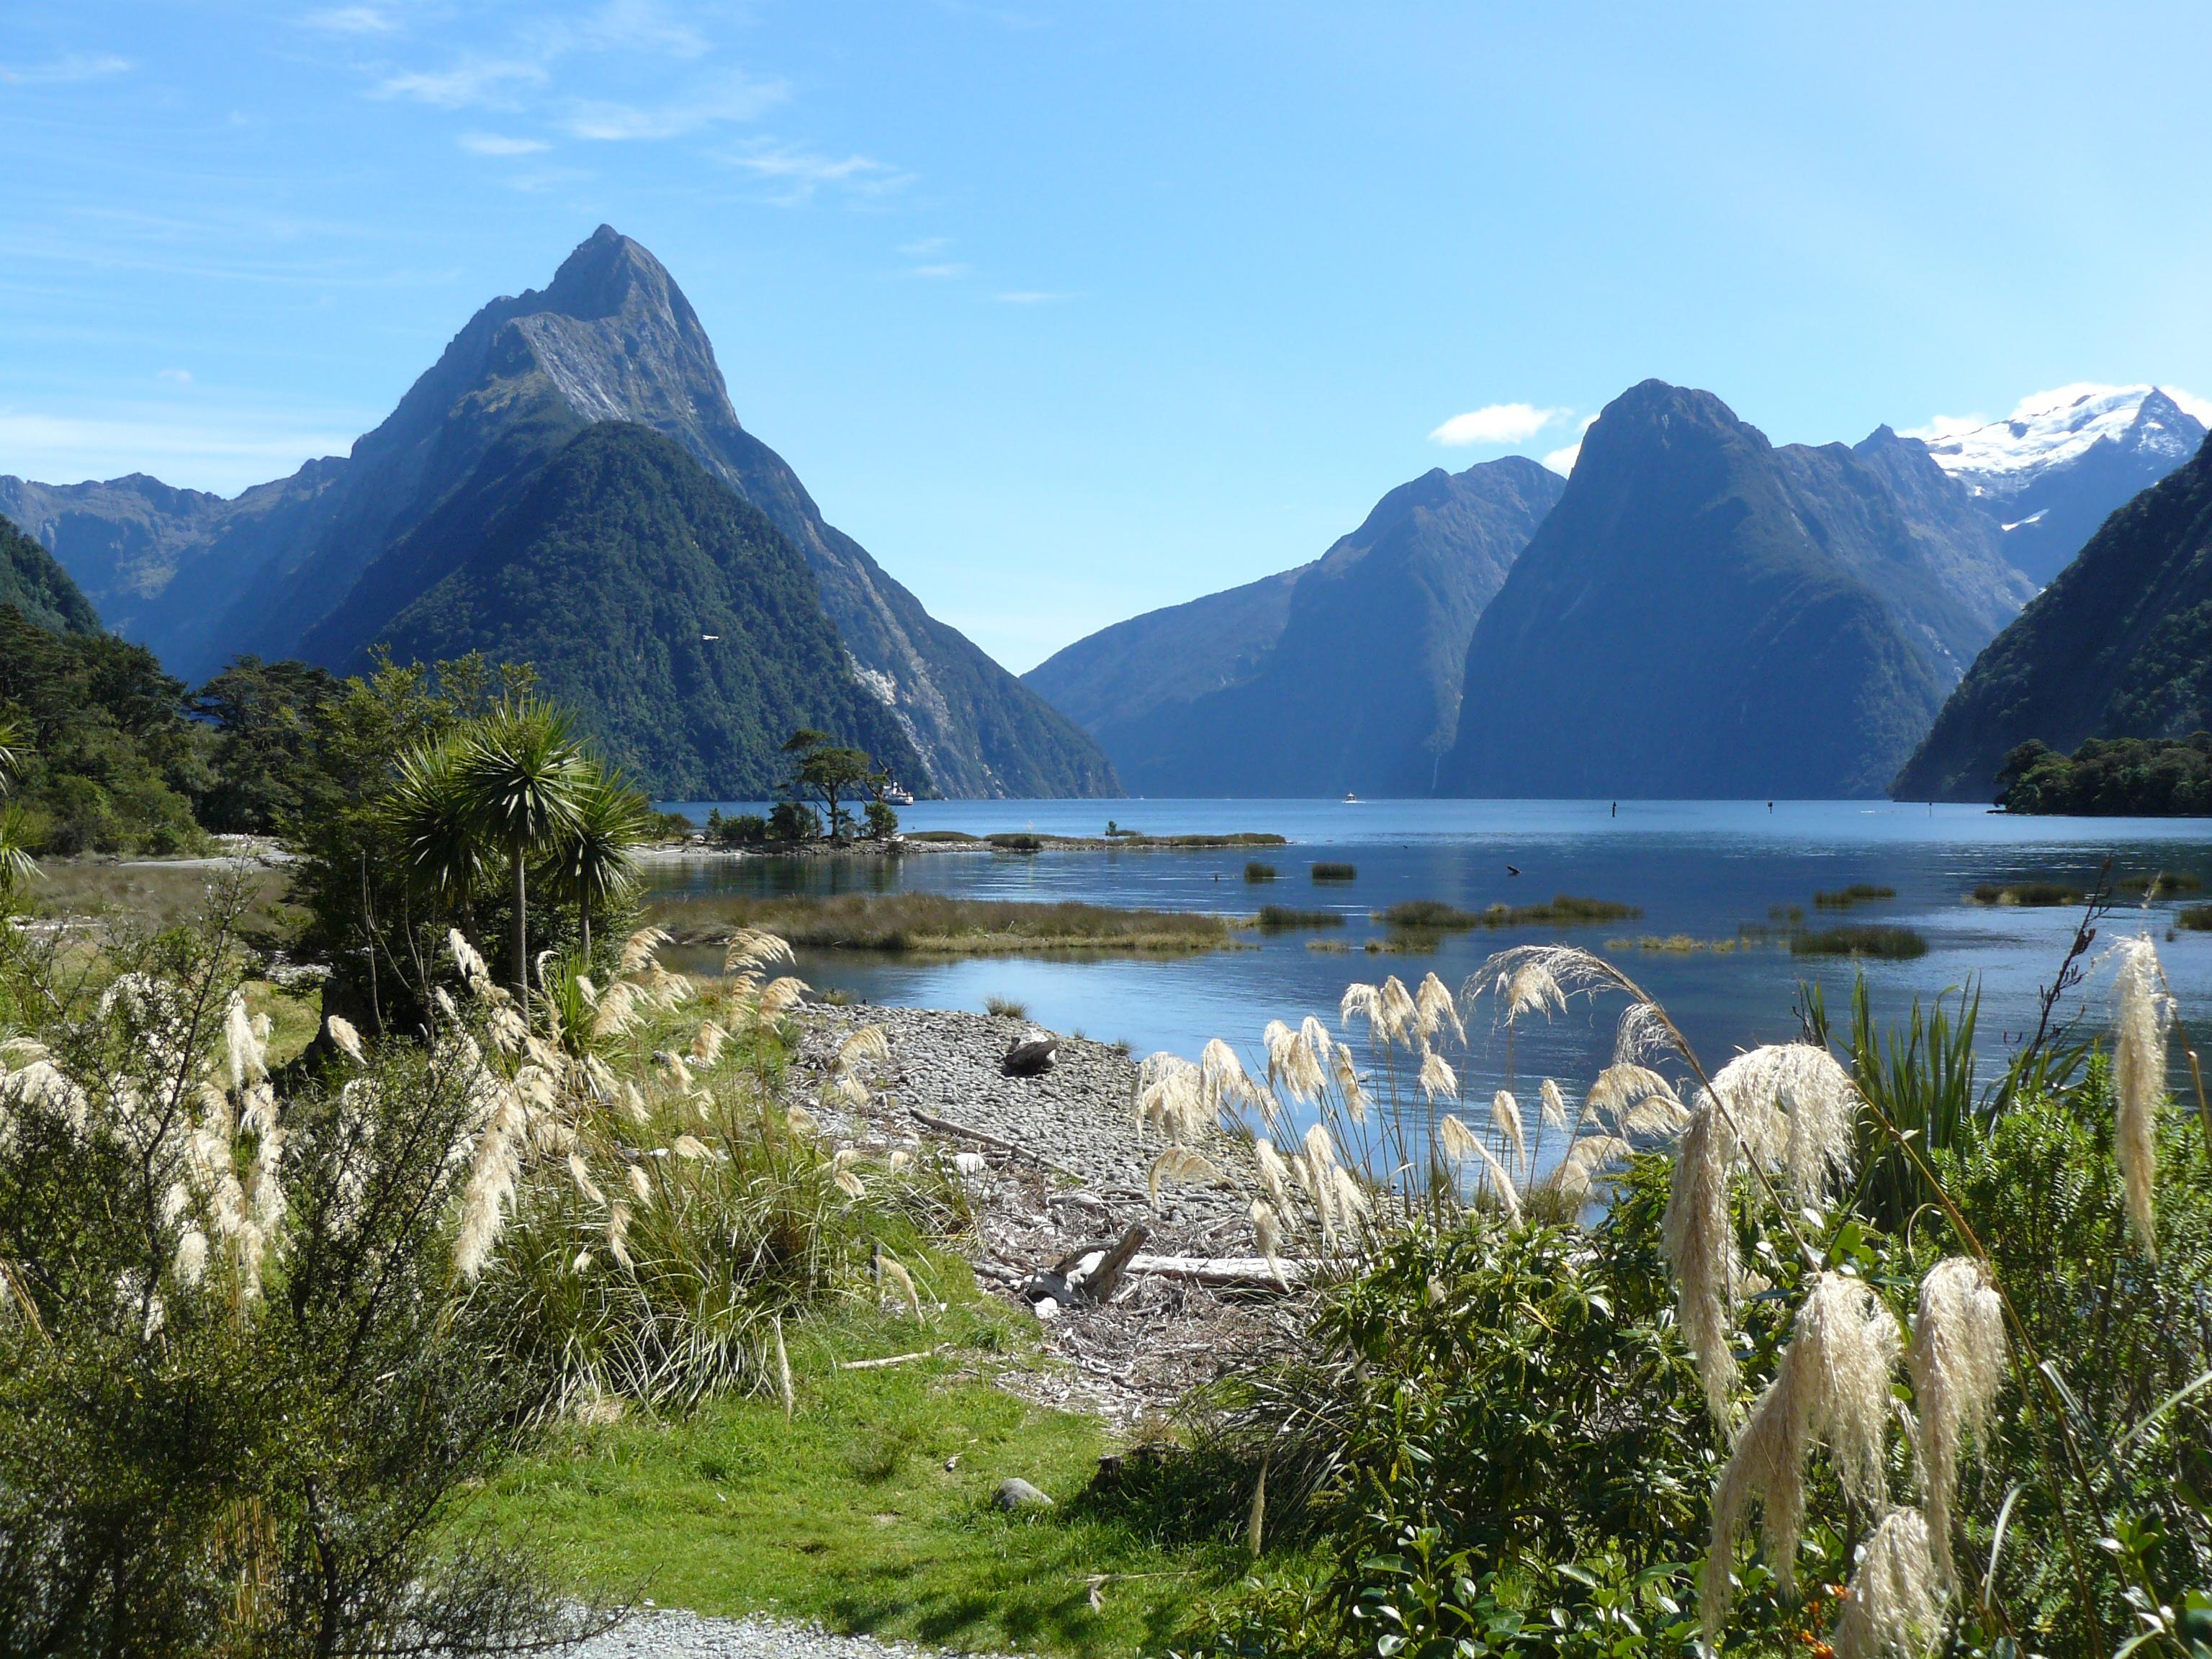 δωρεάν εφαρμογές της Νέας Ζηλανδίας ανθρωποκυνηγητό